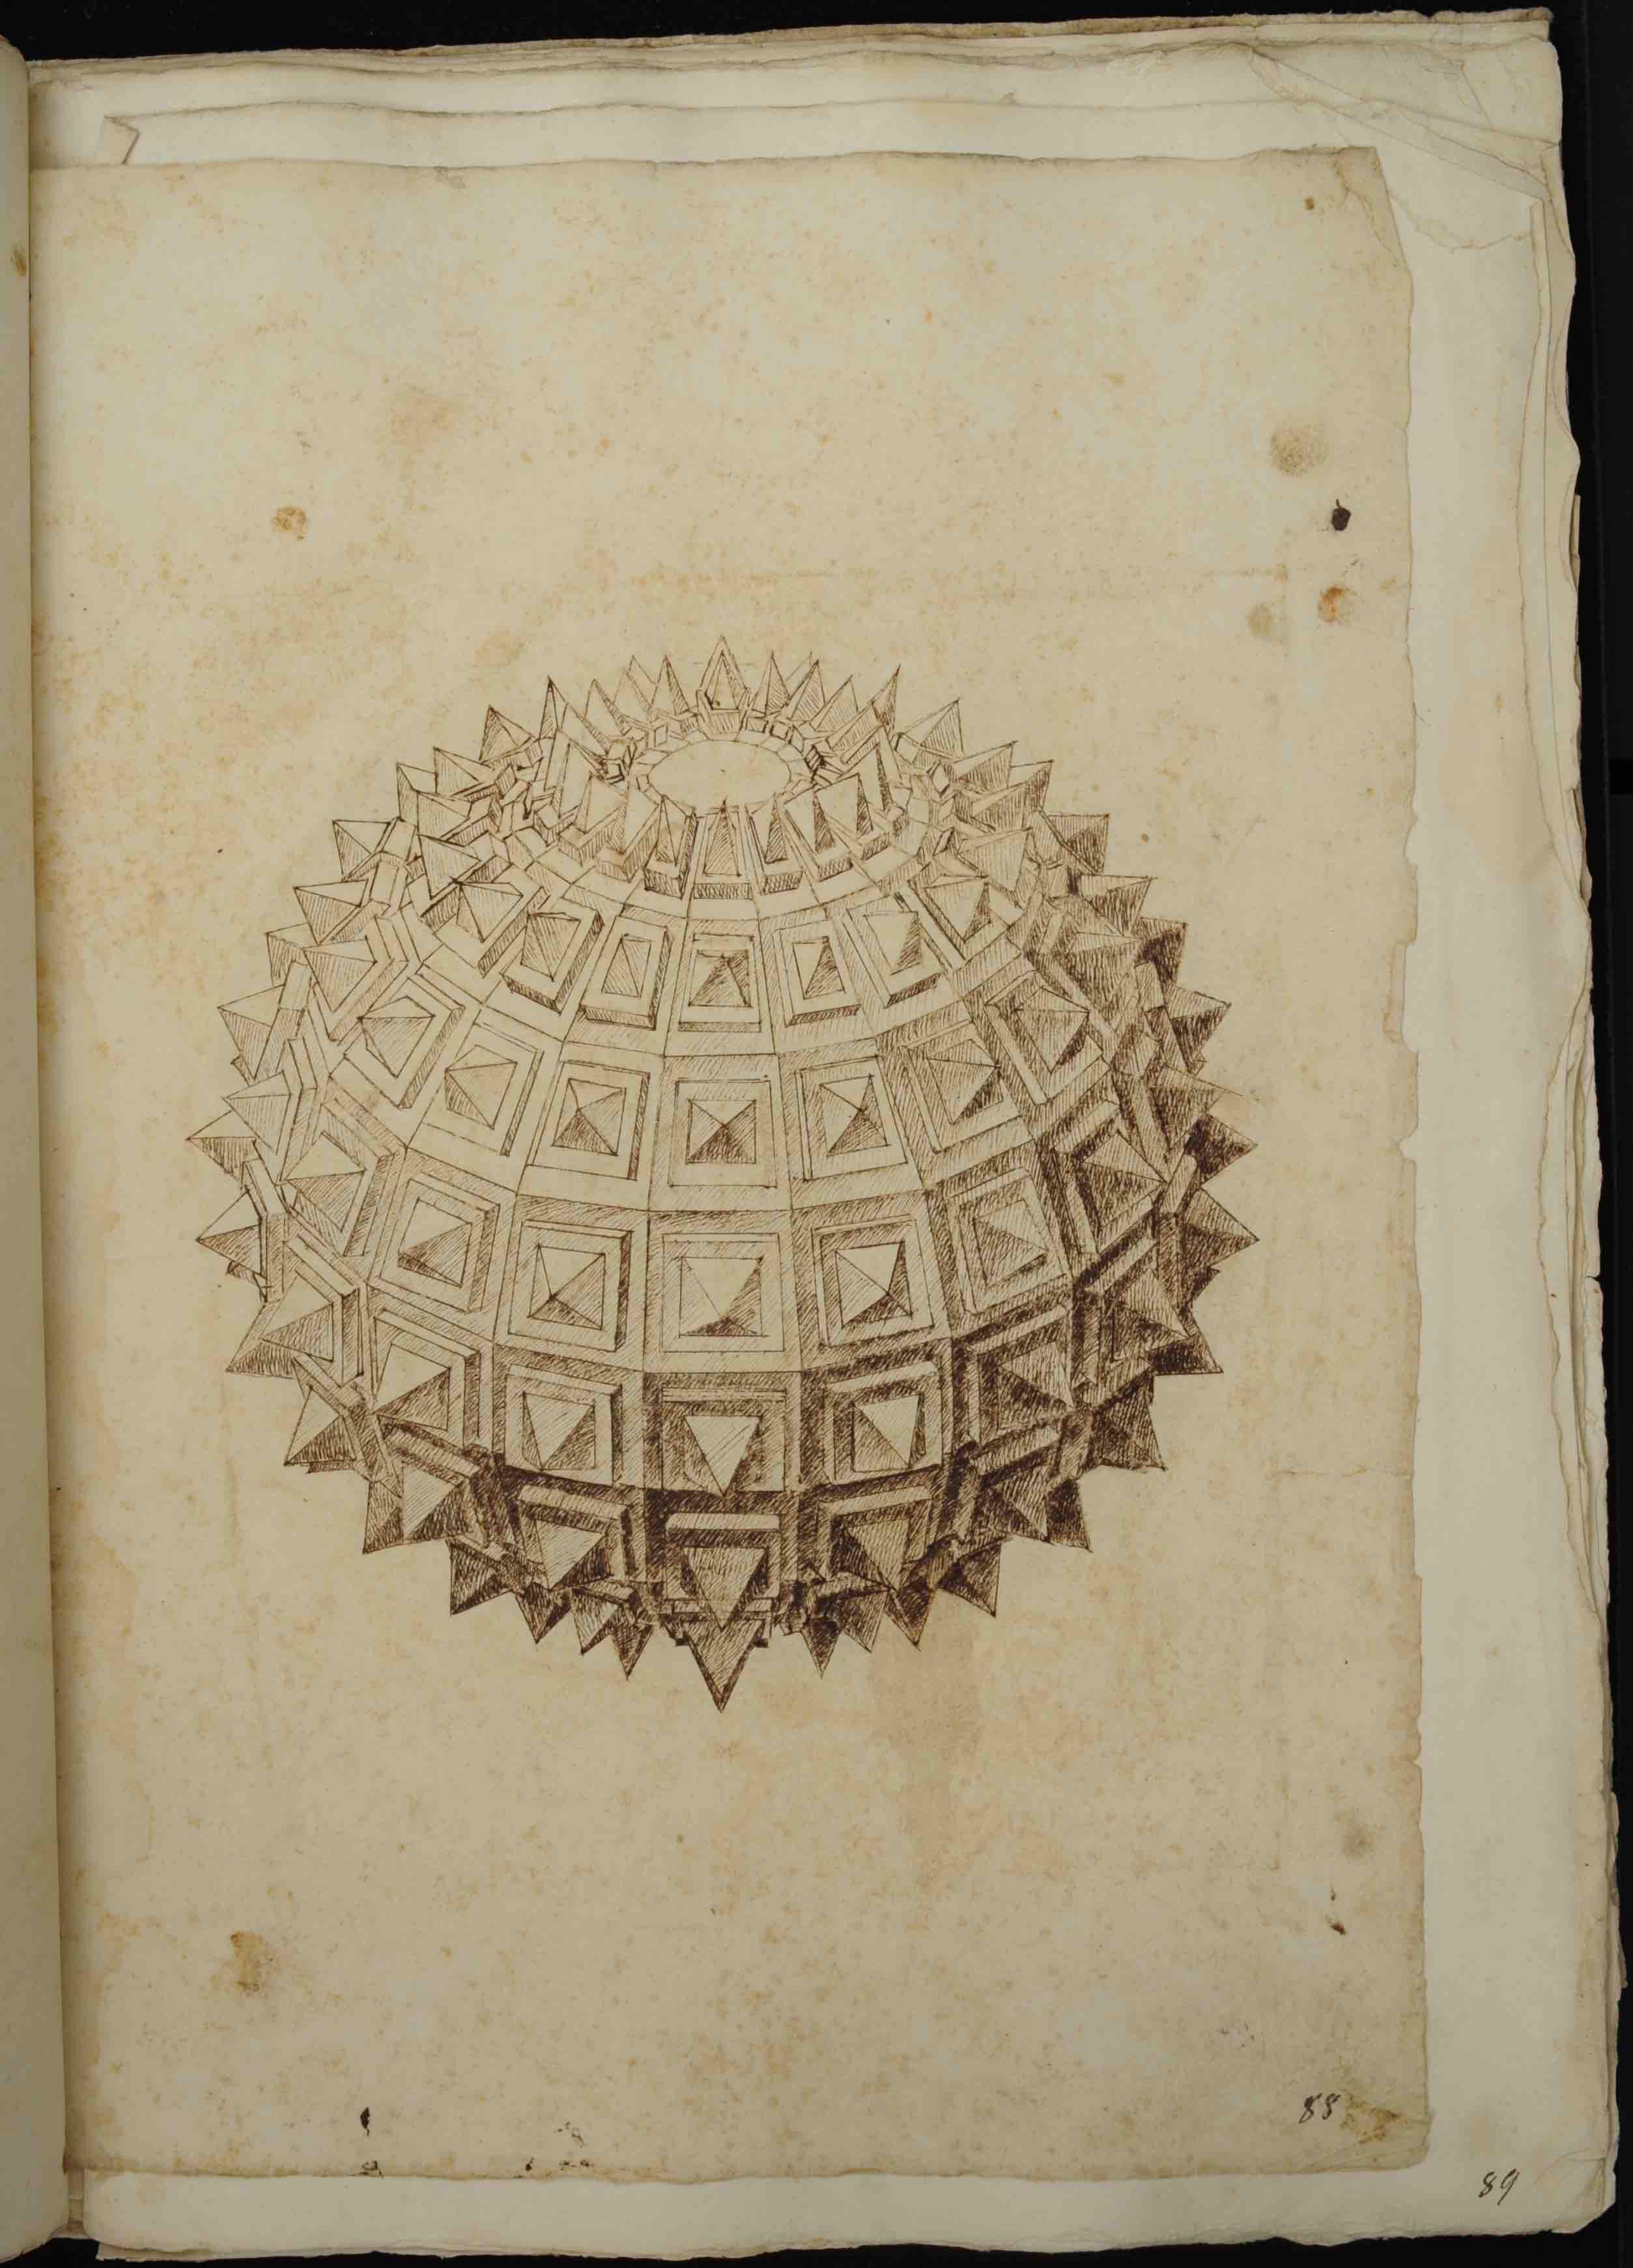 """""""Biblioteca Nazionale Marciana, It. IV, 41 (=3069), c. 88r, then published in Daniele Barbaro, *La pratica della perspettiva* (Venice: Camillo and Rutilio Borgominieri, 1568-69), p. 162."""""""